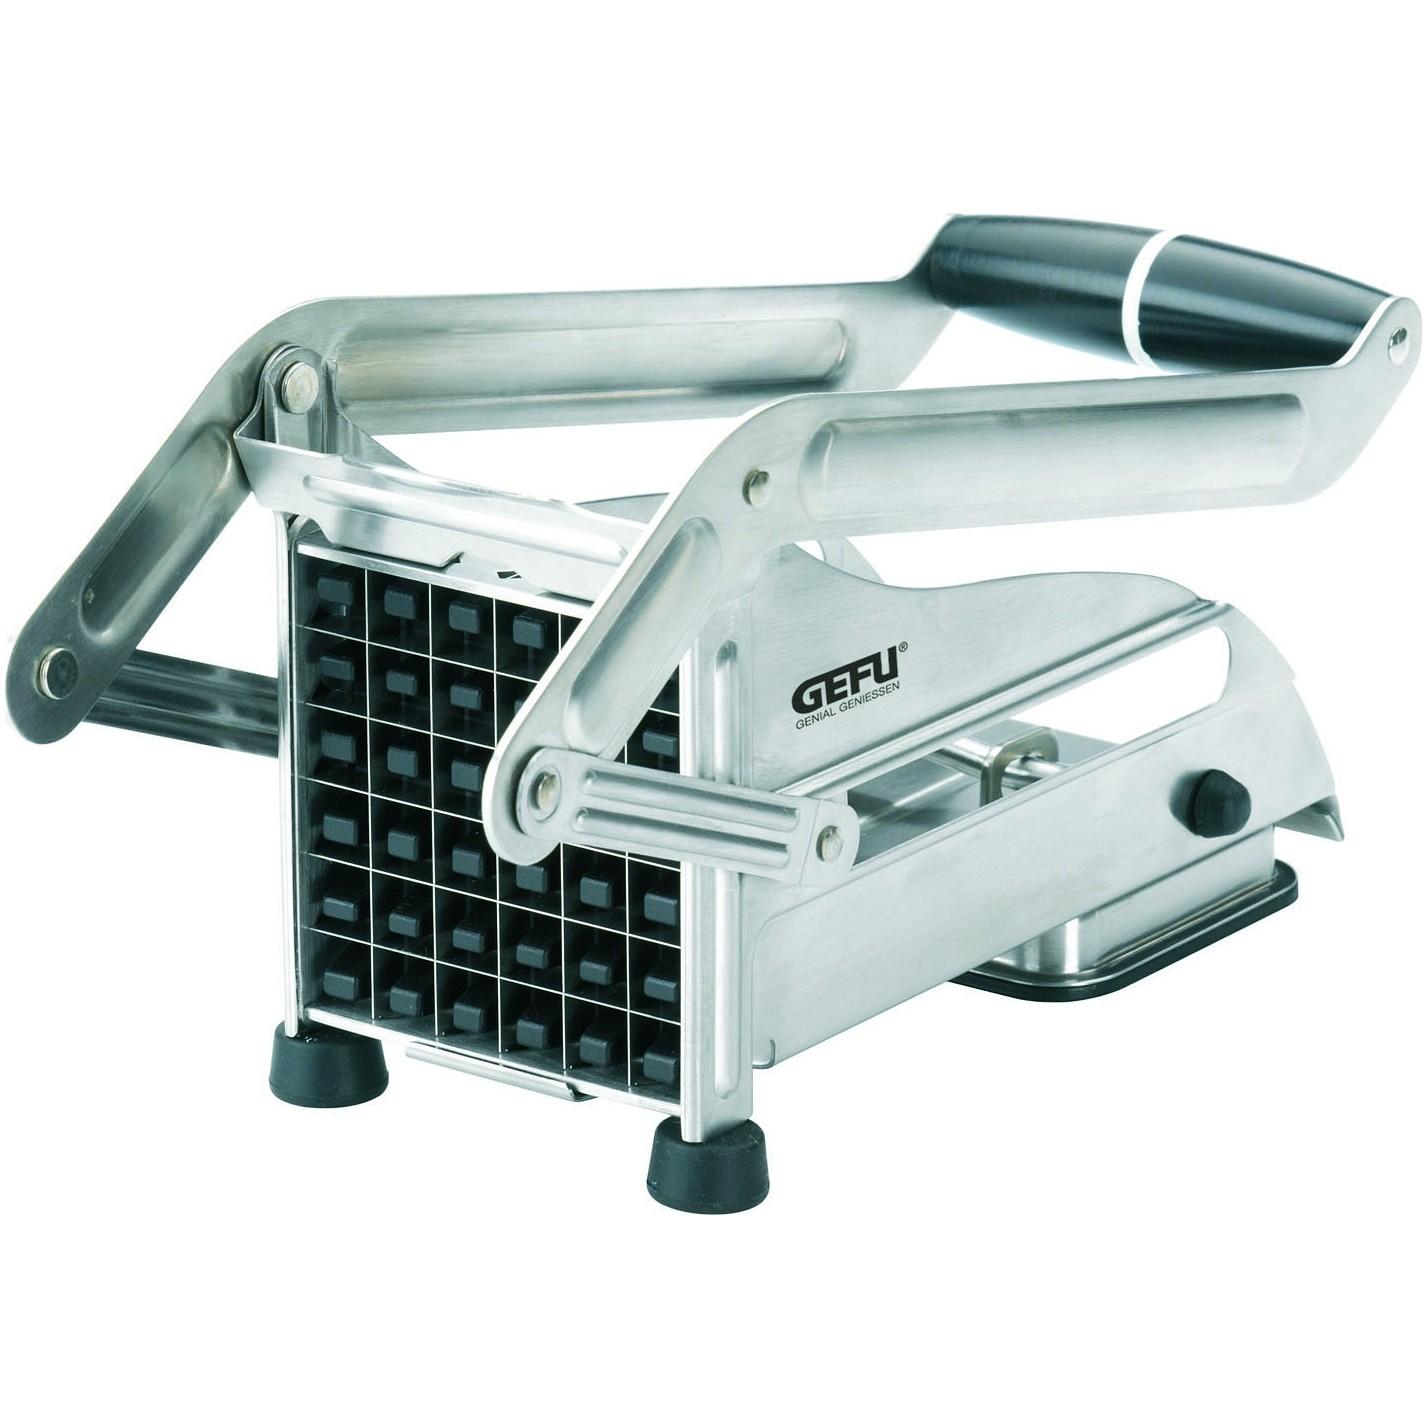 Машинка для резки картофеля, 12х12 мм, 36 ячеек 1 металлическийБлагодаря бренду GEFU кухонные пренадлежности очень просты в использовании. С машинкой для резки картофеля приготовление картофеля фри не составит труда. Качество машинки сохранит её на долгие годы и будет незаменимым помошником для Вас.<br>